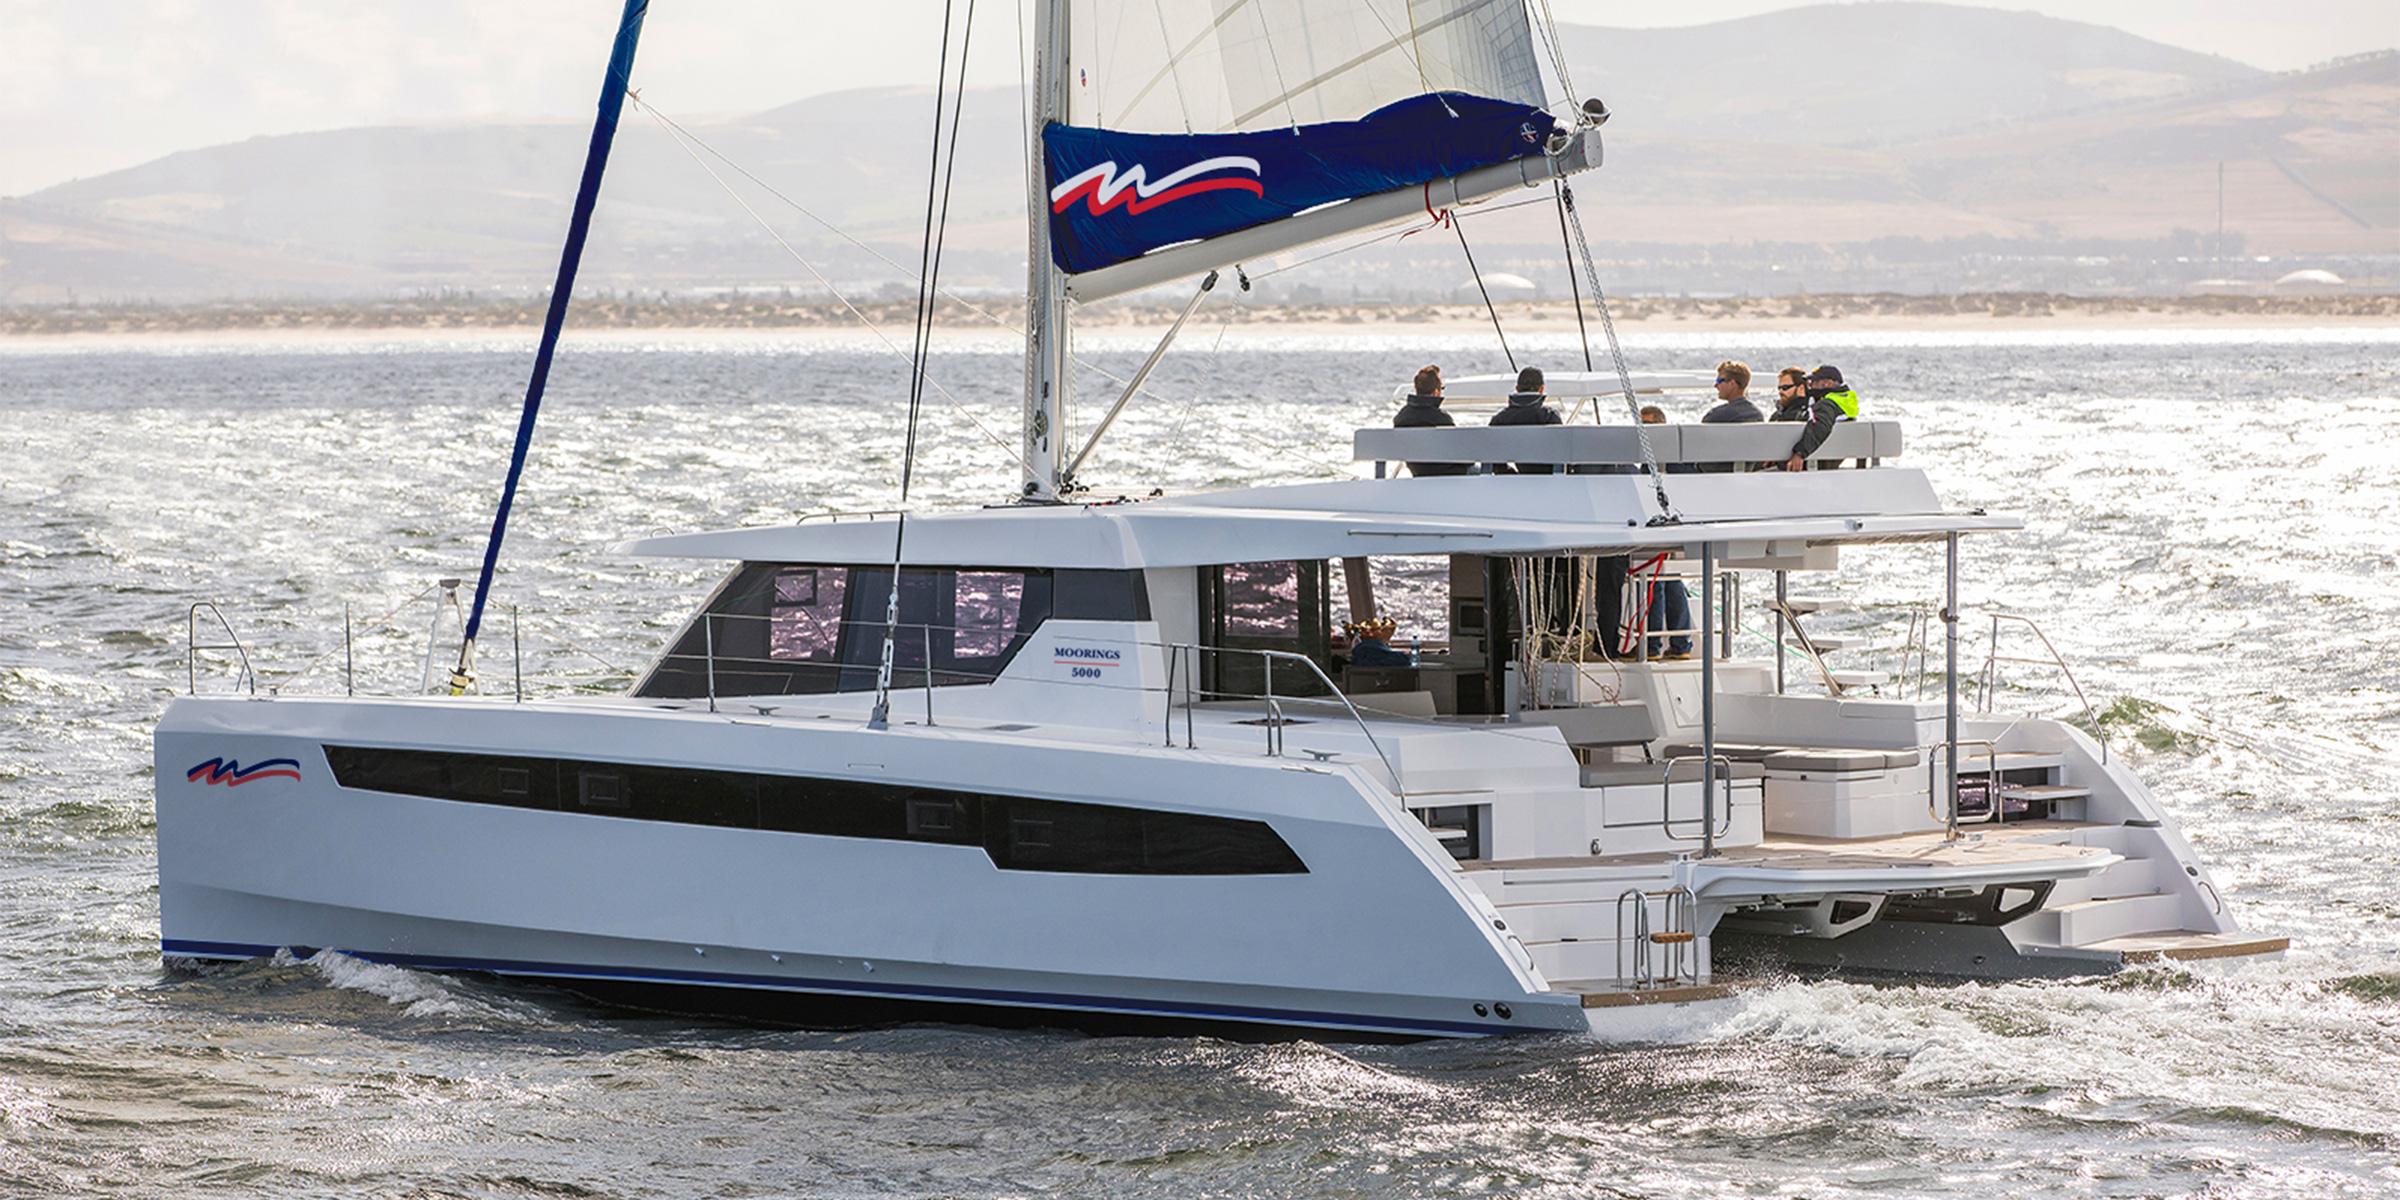 Moorings 5000 - 5 Cabin Catamaran | The Moorings